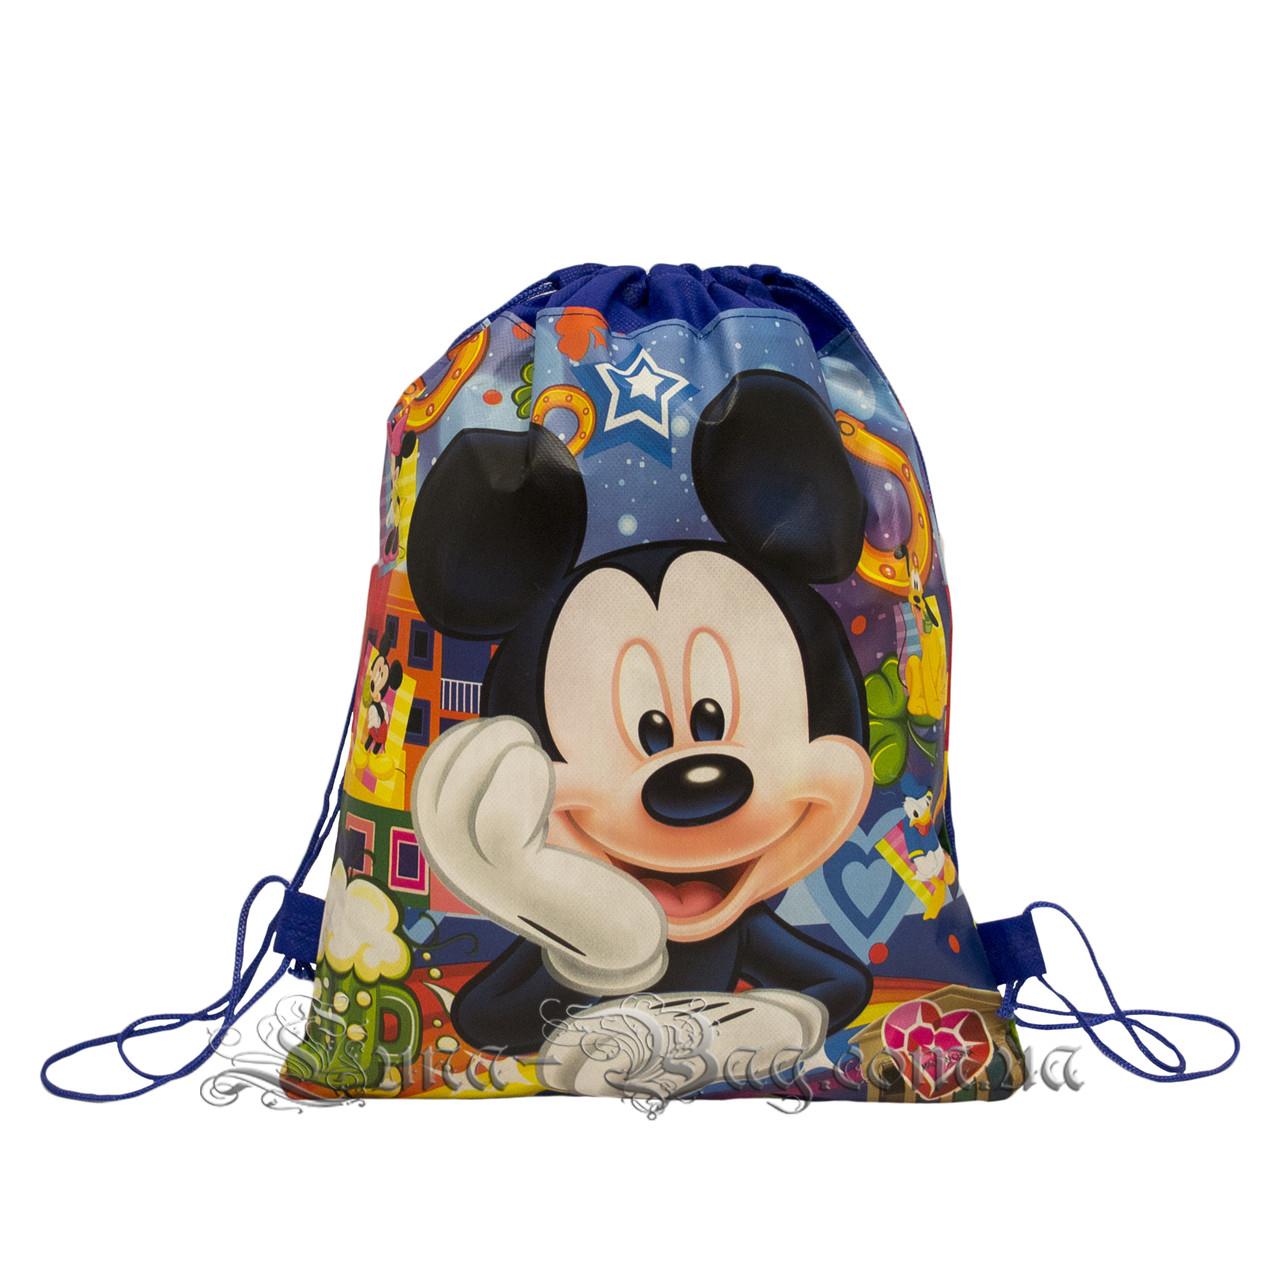 Дитячий рюкзак з малюнком (PAW Patrol) 3 Кольори Темно-Синій.В упаковці 12 шт